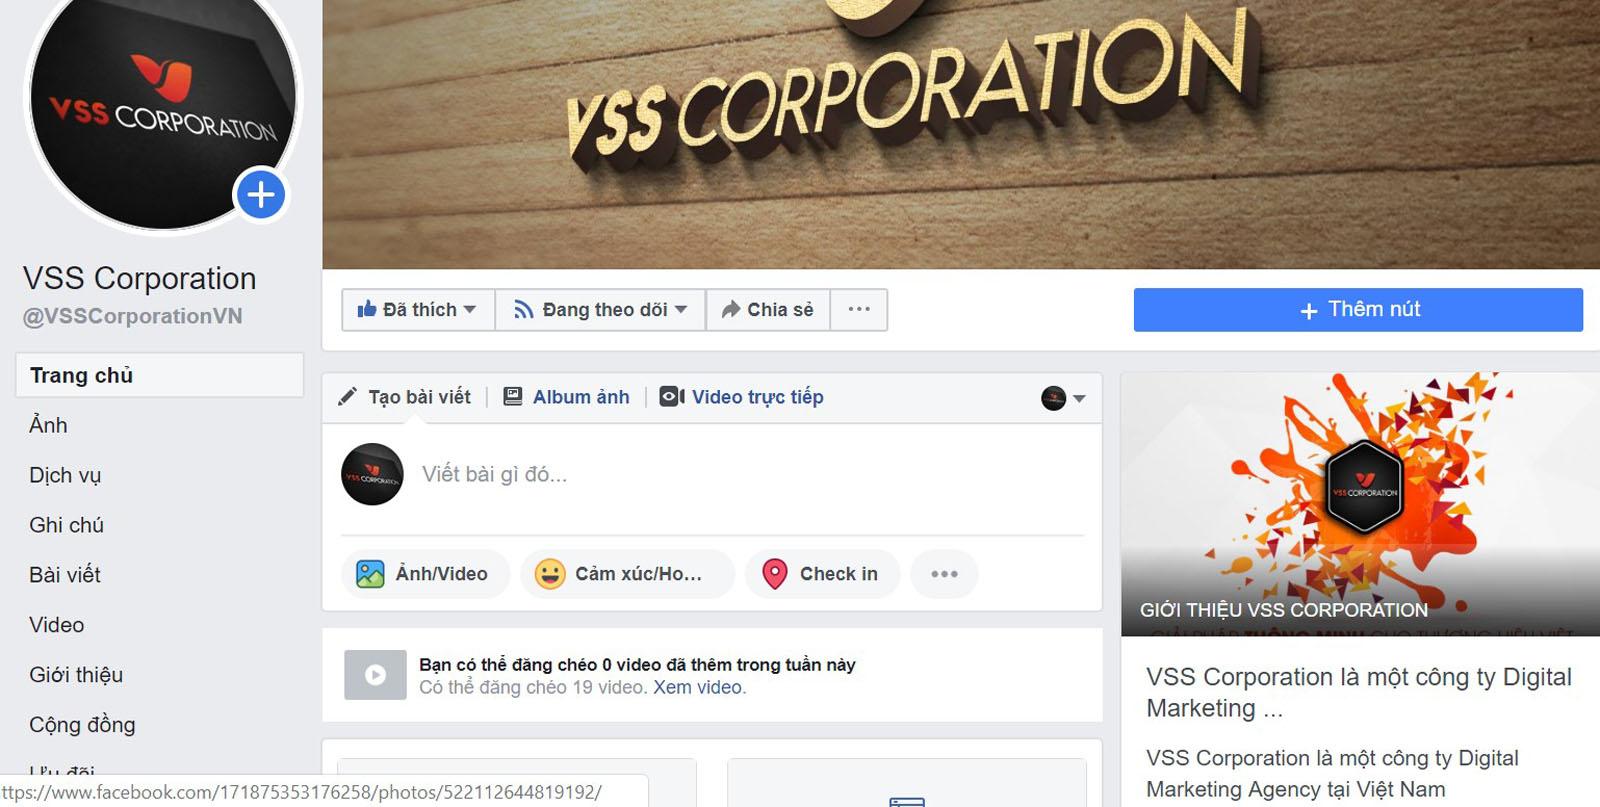 Tài khoản chạy quảng cáo trên Facebook